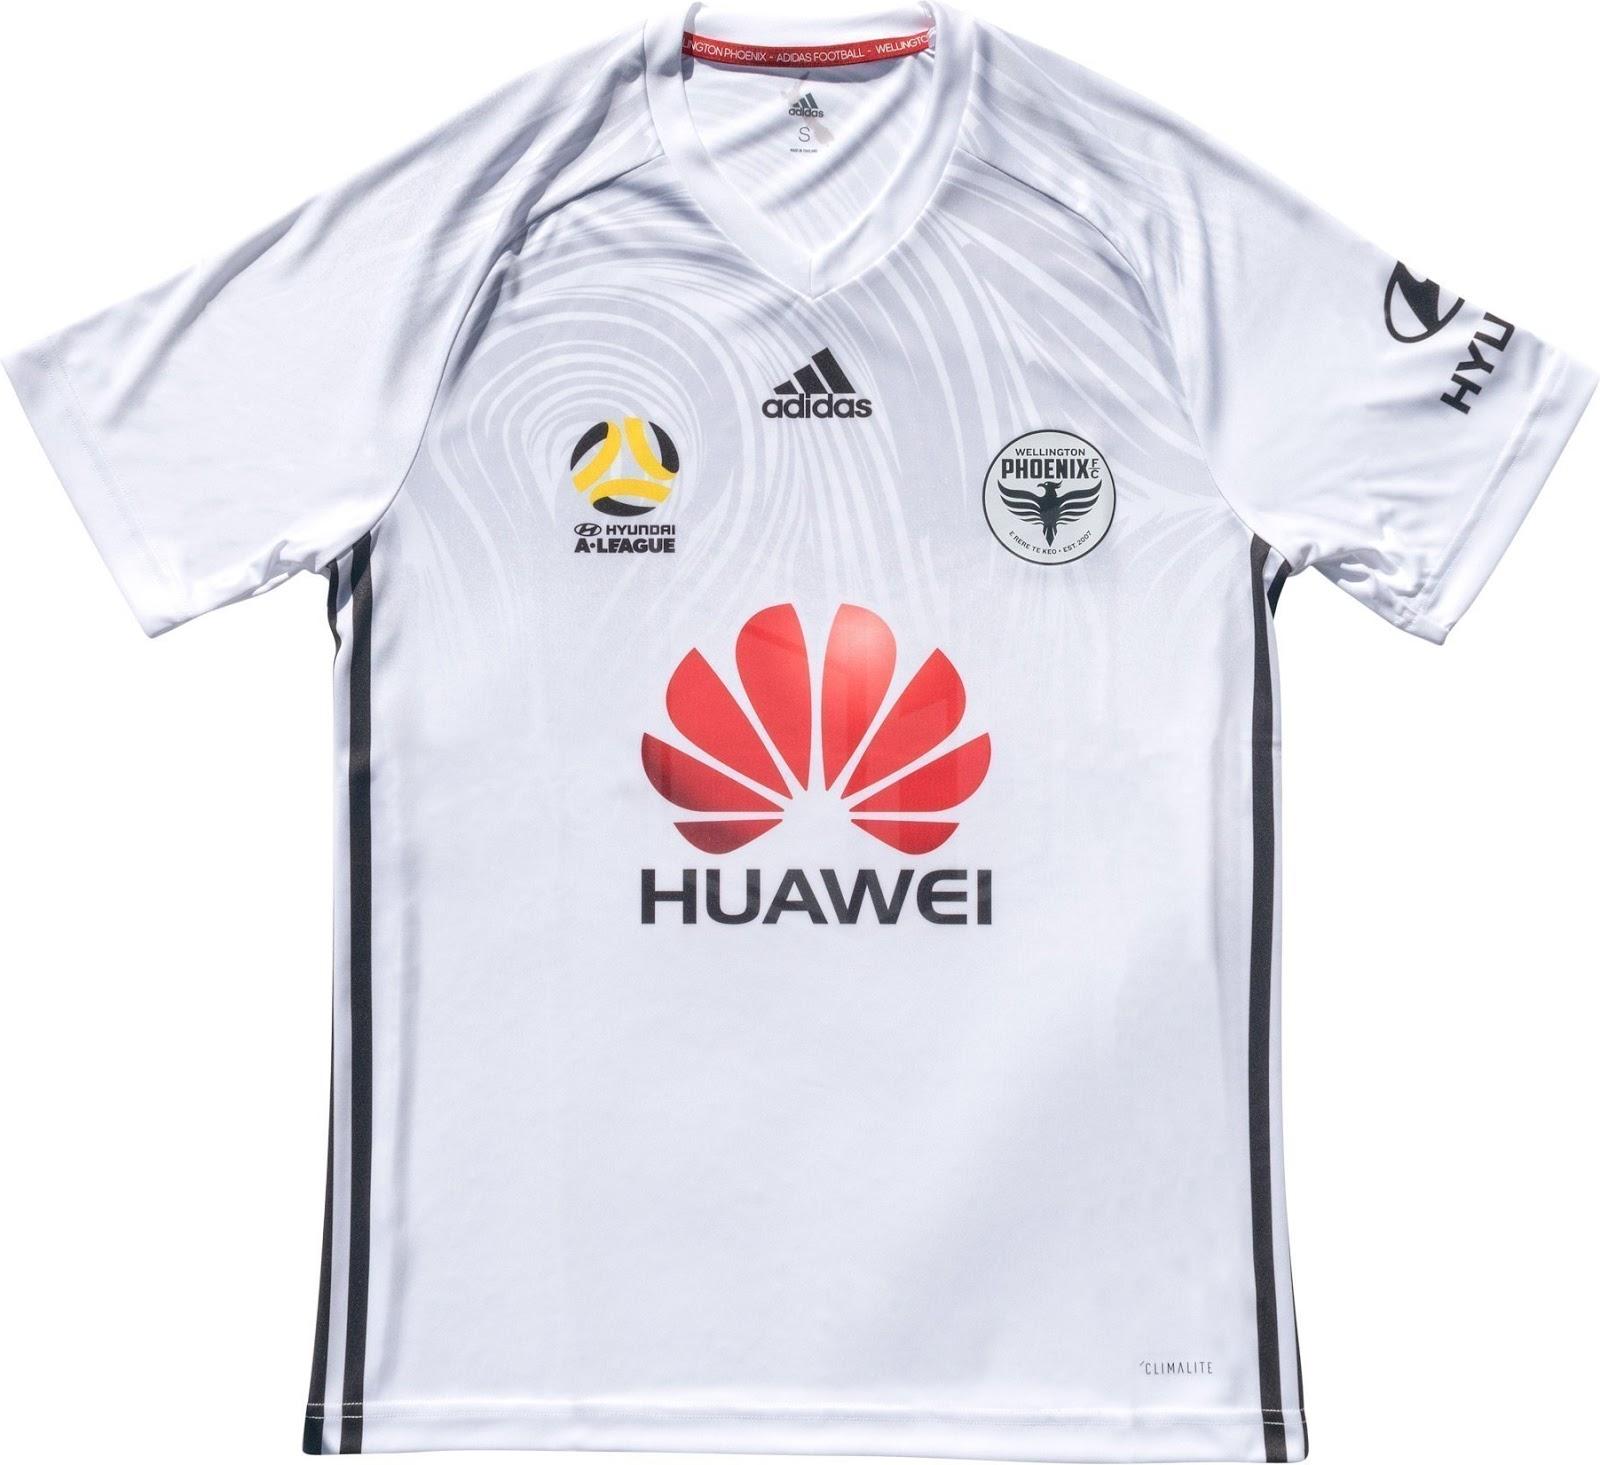 Adidas divulga as novas camisas do Wellington Phoenix - Show de Camisas 2de259755d4c1